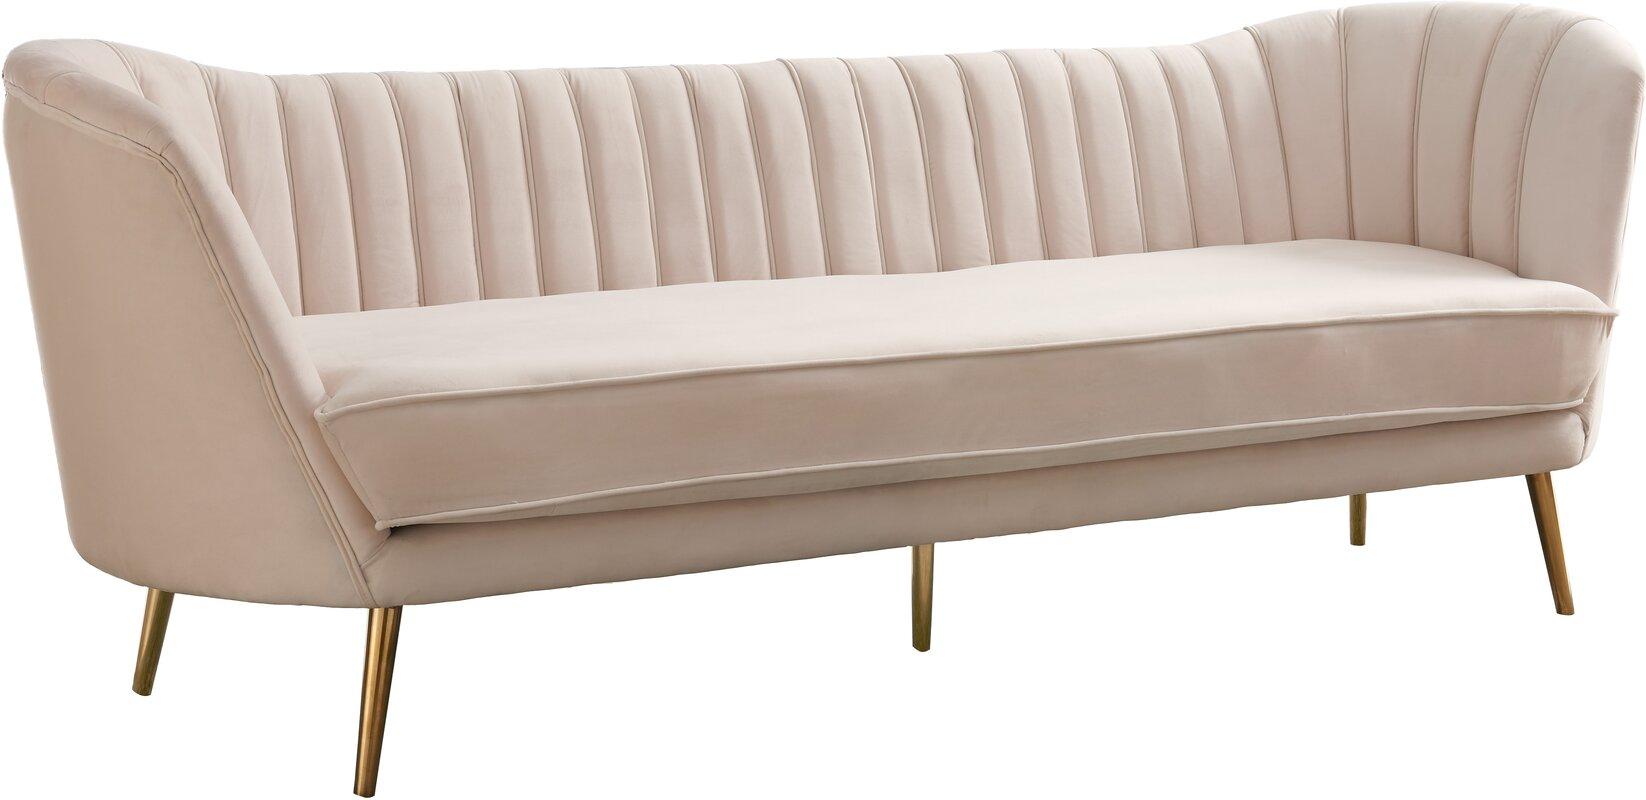 Koger Chesterfield Sofa